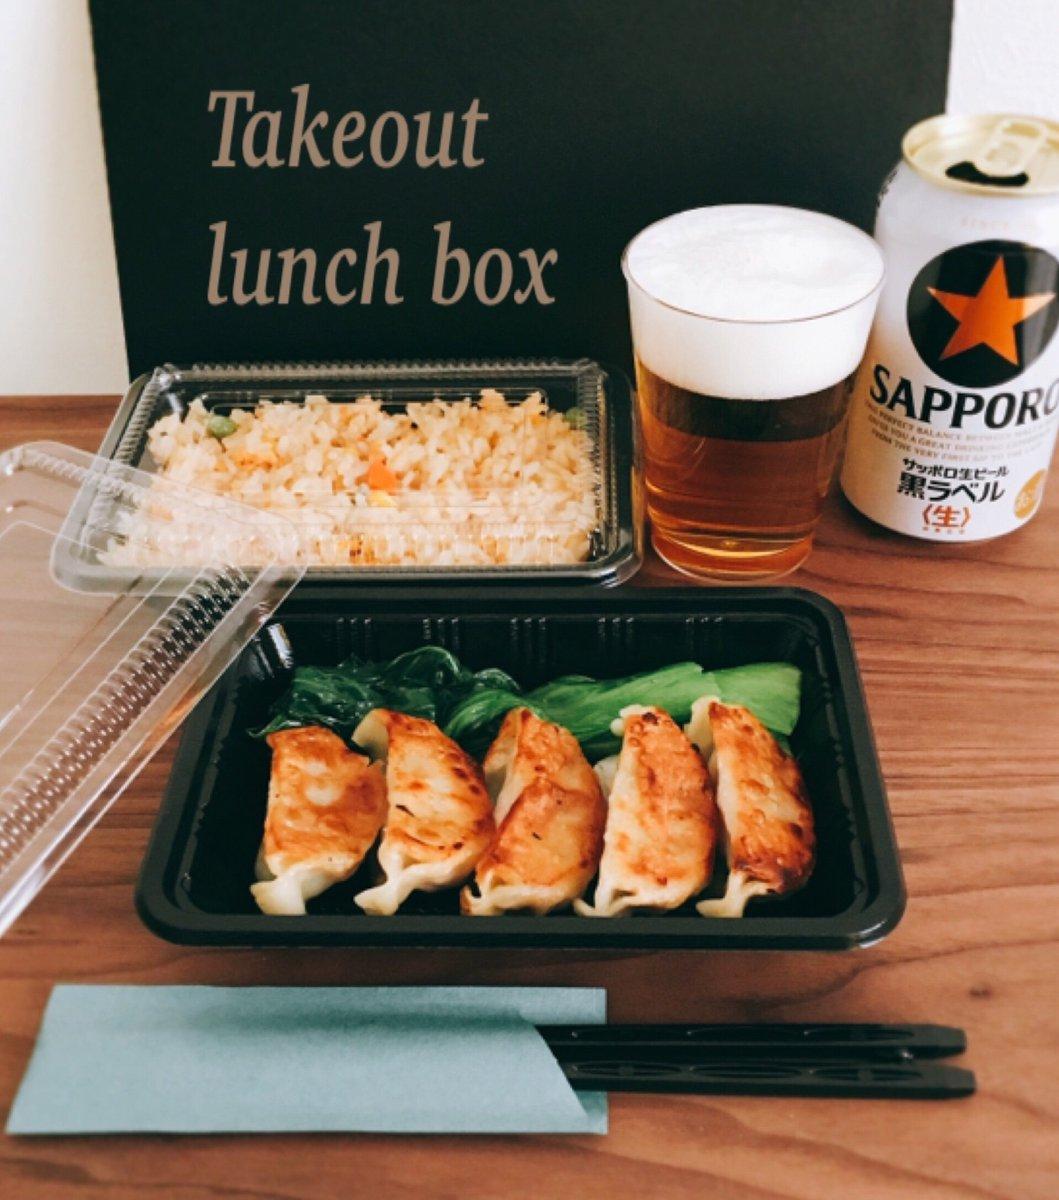 test ツイッターメディア - 東京浅草、かっぱ橋道具街でテイクアウト容器販売をしています(株)佐野です。 イメージがわく様に取り扱い商品に食べ物飲み物を入れてみてご紹介しています。 本日は小さめの#テイクアウト容器 で餃子と炒飯  #餃子にはビール🍺 ですよね。#外人の方へのお土産で人気のコースターいかがですか。 https://t.co/b5aknM9D5F